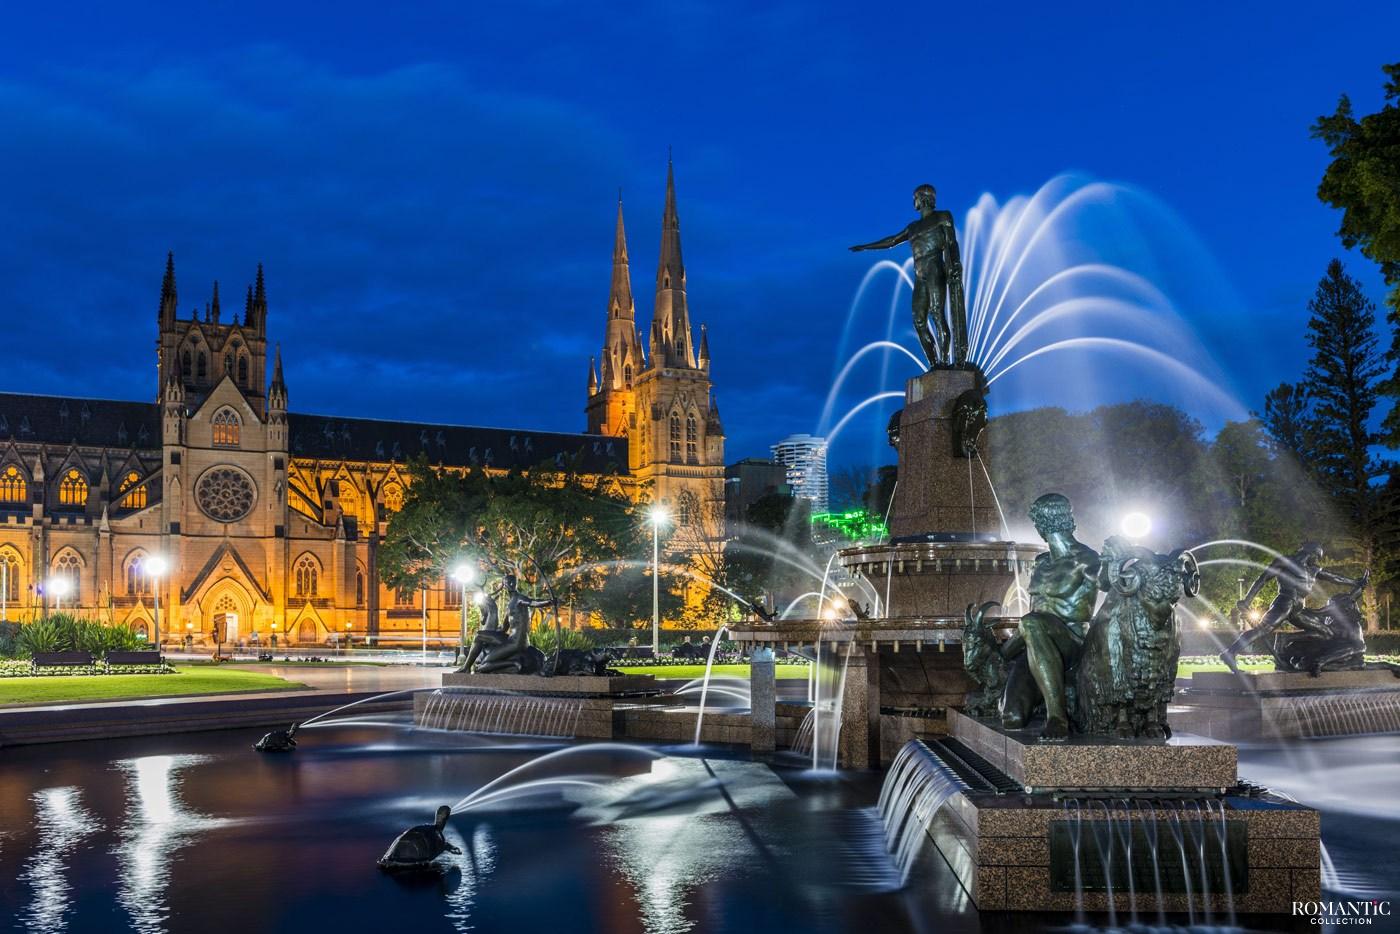 Фонтан Арчибальд. Сидней, Австралия